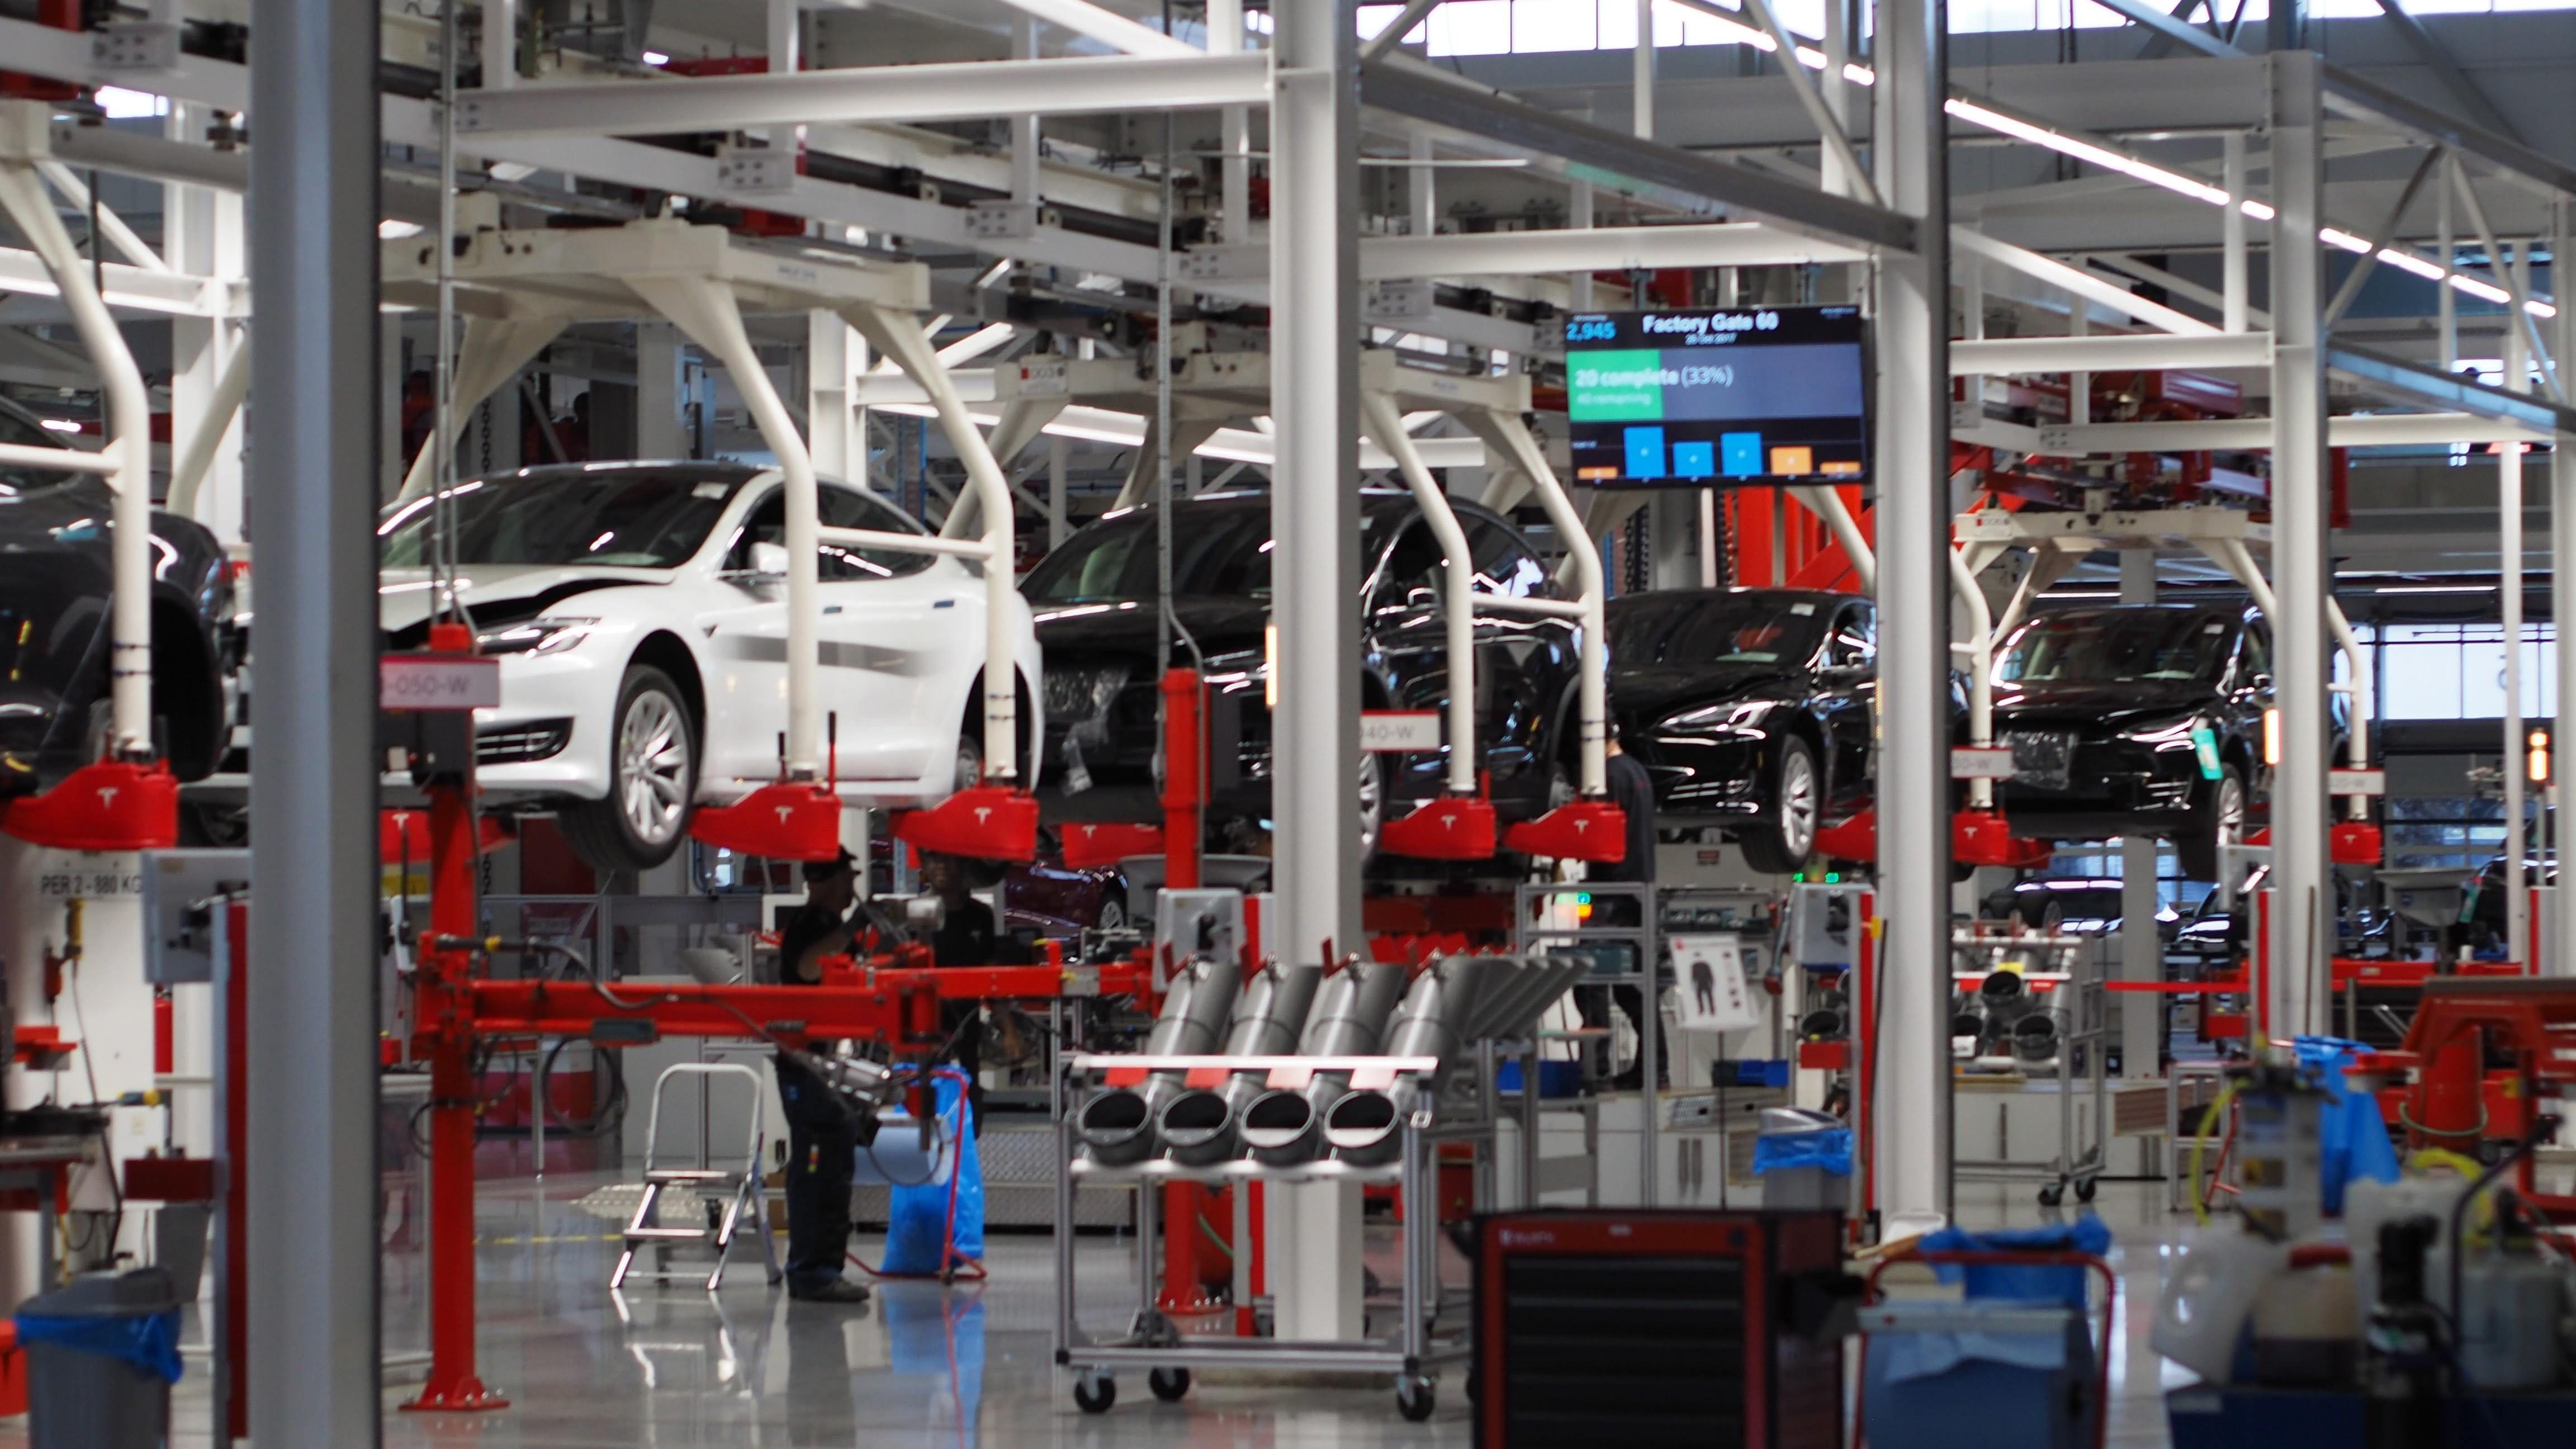 「トランプ砲」で日系自動車部品メーカー、メキシコから撤退